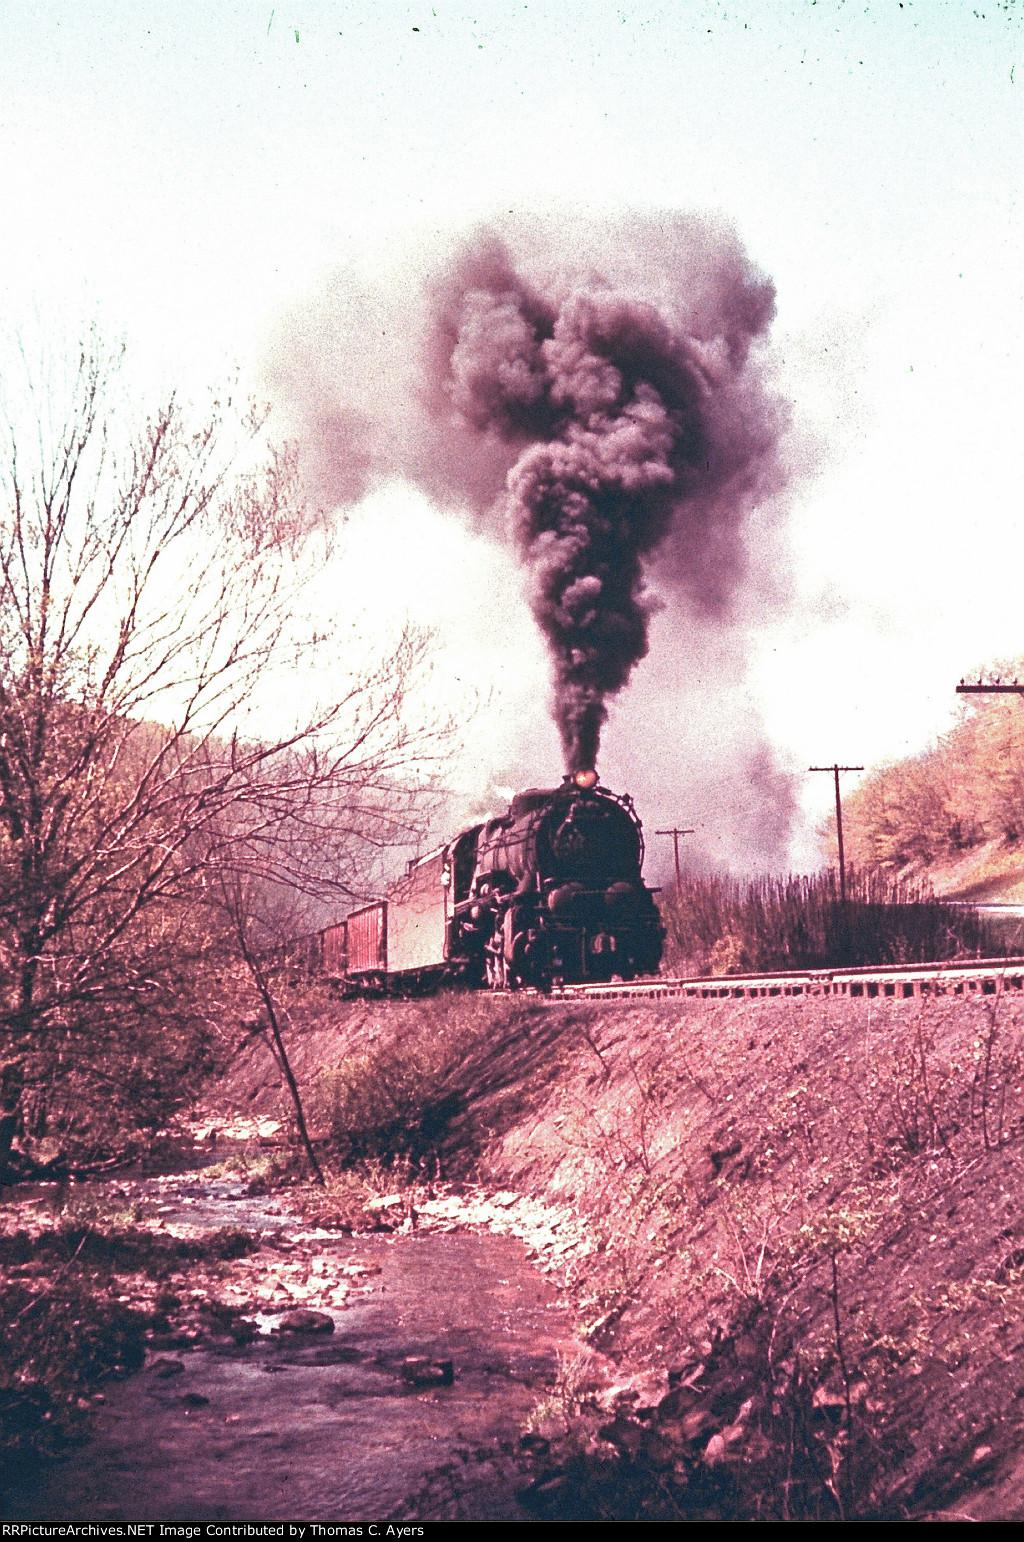 PRR 4311, I-1SA, 1957